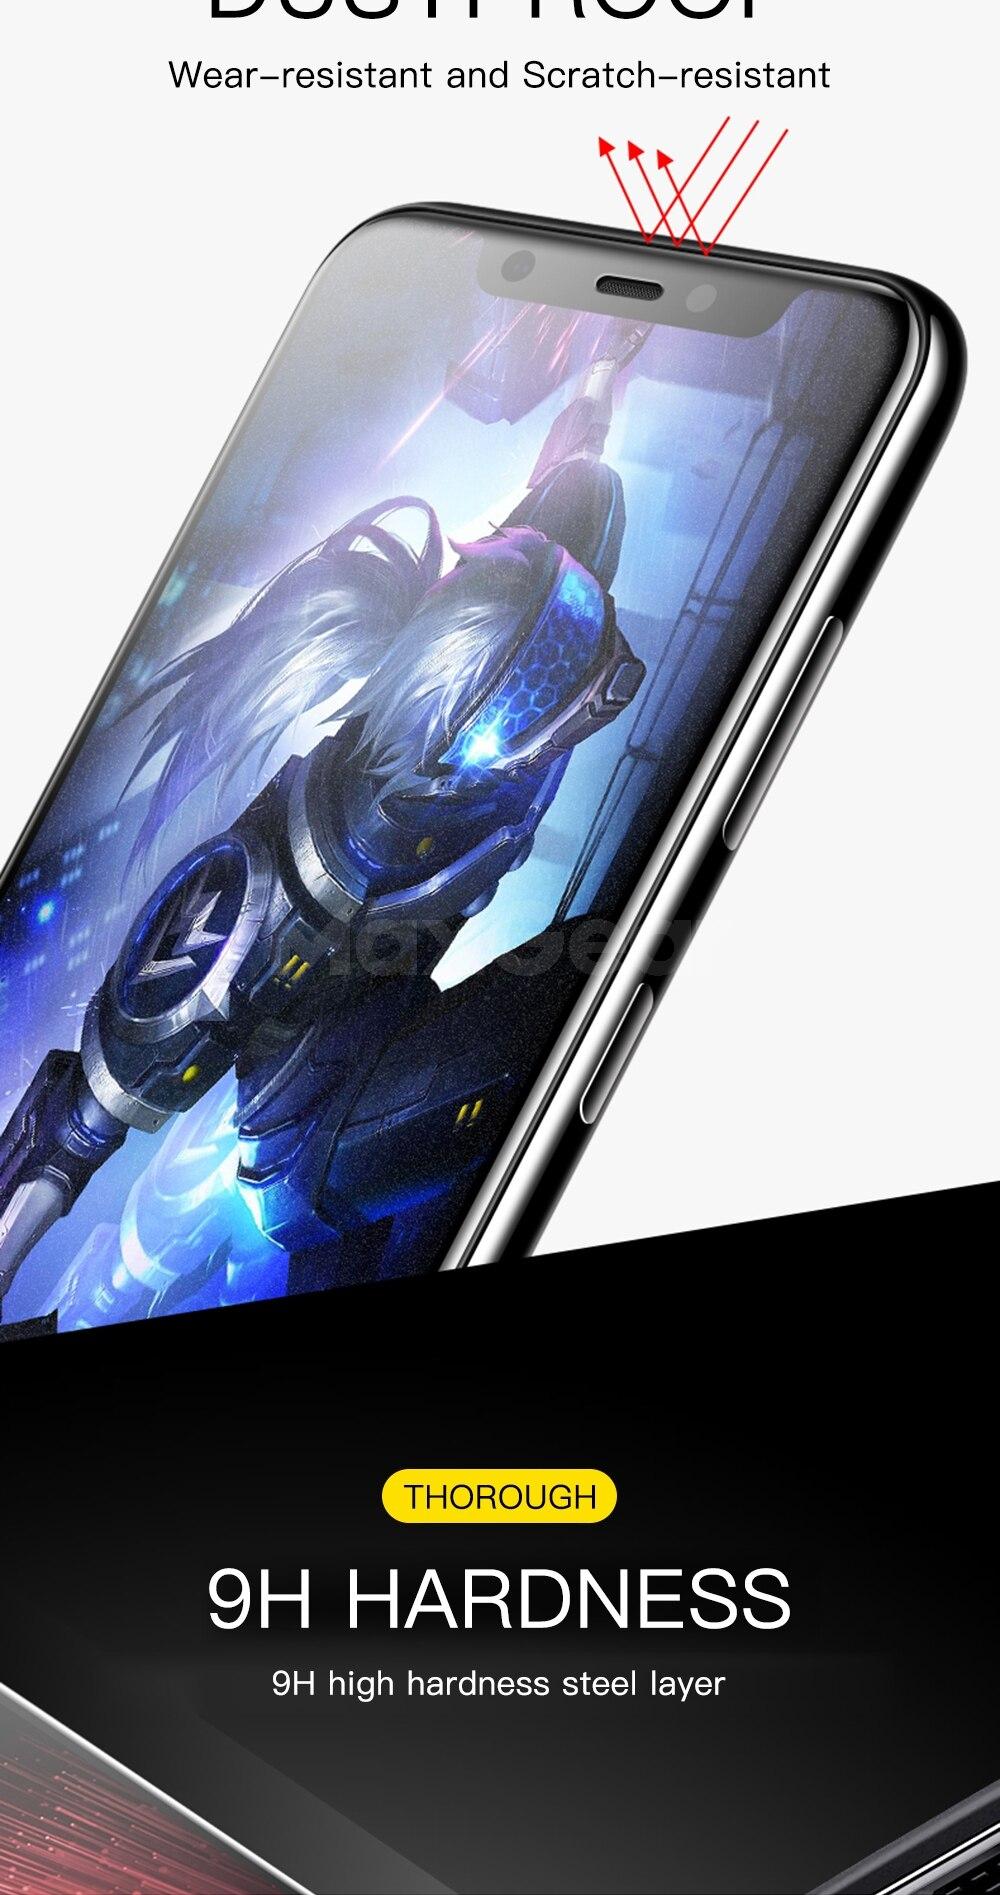 9D matowy matowe szkło hartowane dla Xiao mi mi 9 8 SE A2 Lite 5X 6X Pocophone F1 mi x 2 S mi x3 pełna pokrywa folia ochronna na ekran 9